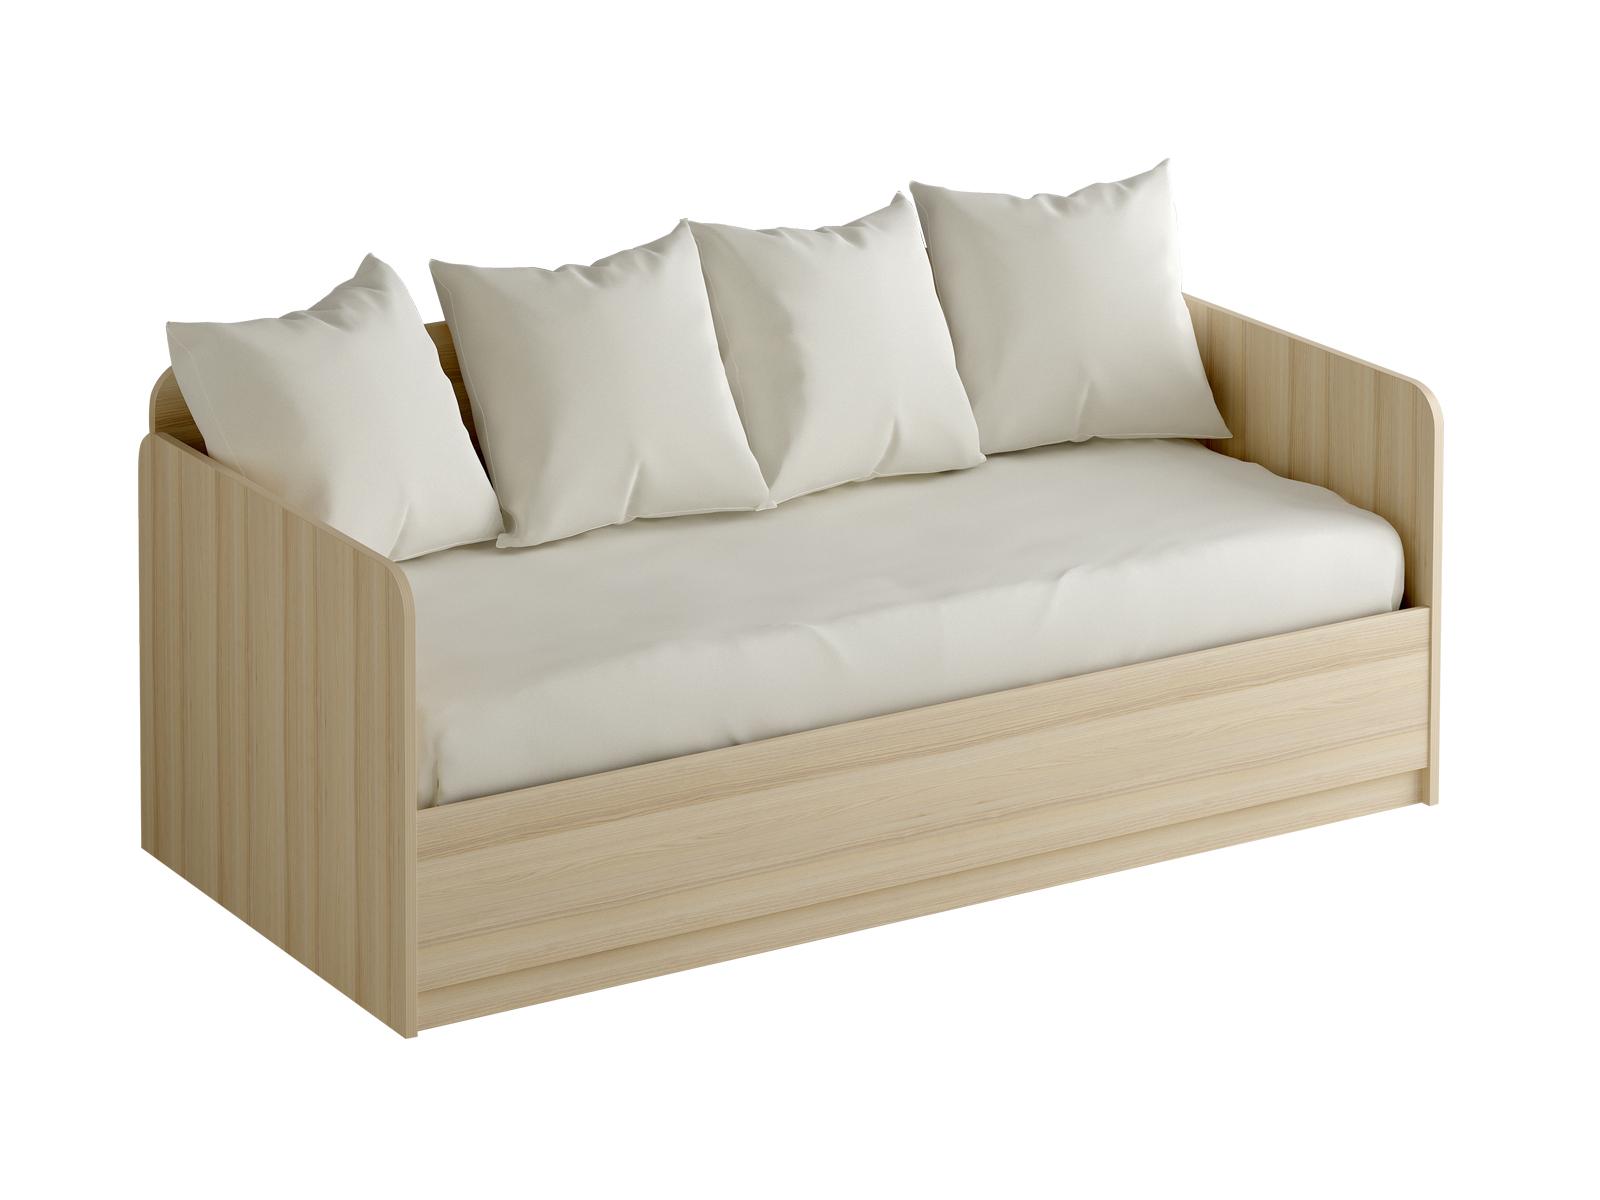 Кровать PlayКровати<br>Кровать односпальная с подъёмным механизмом. Под спальным местом располагается ящик для хранения. Ящик разделён перегородкой на два отделения. Размер спального места – 900x2000 мм. Корректная работа подъёмного механизма пневматического типа обеспечивается...<br>